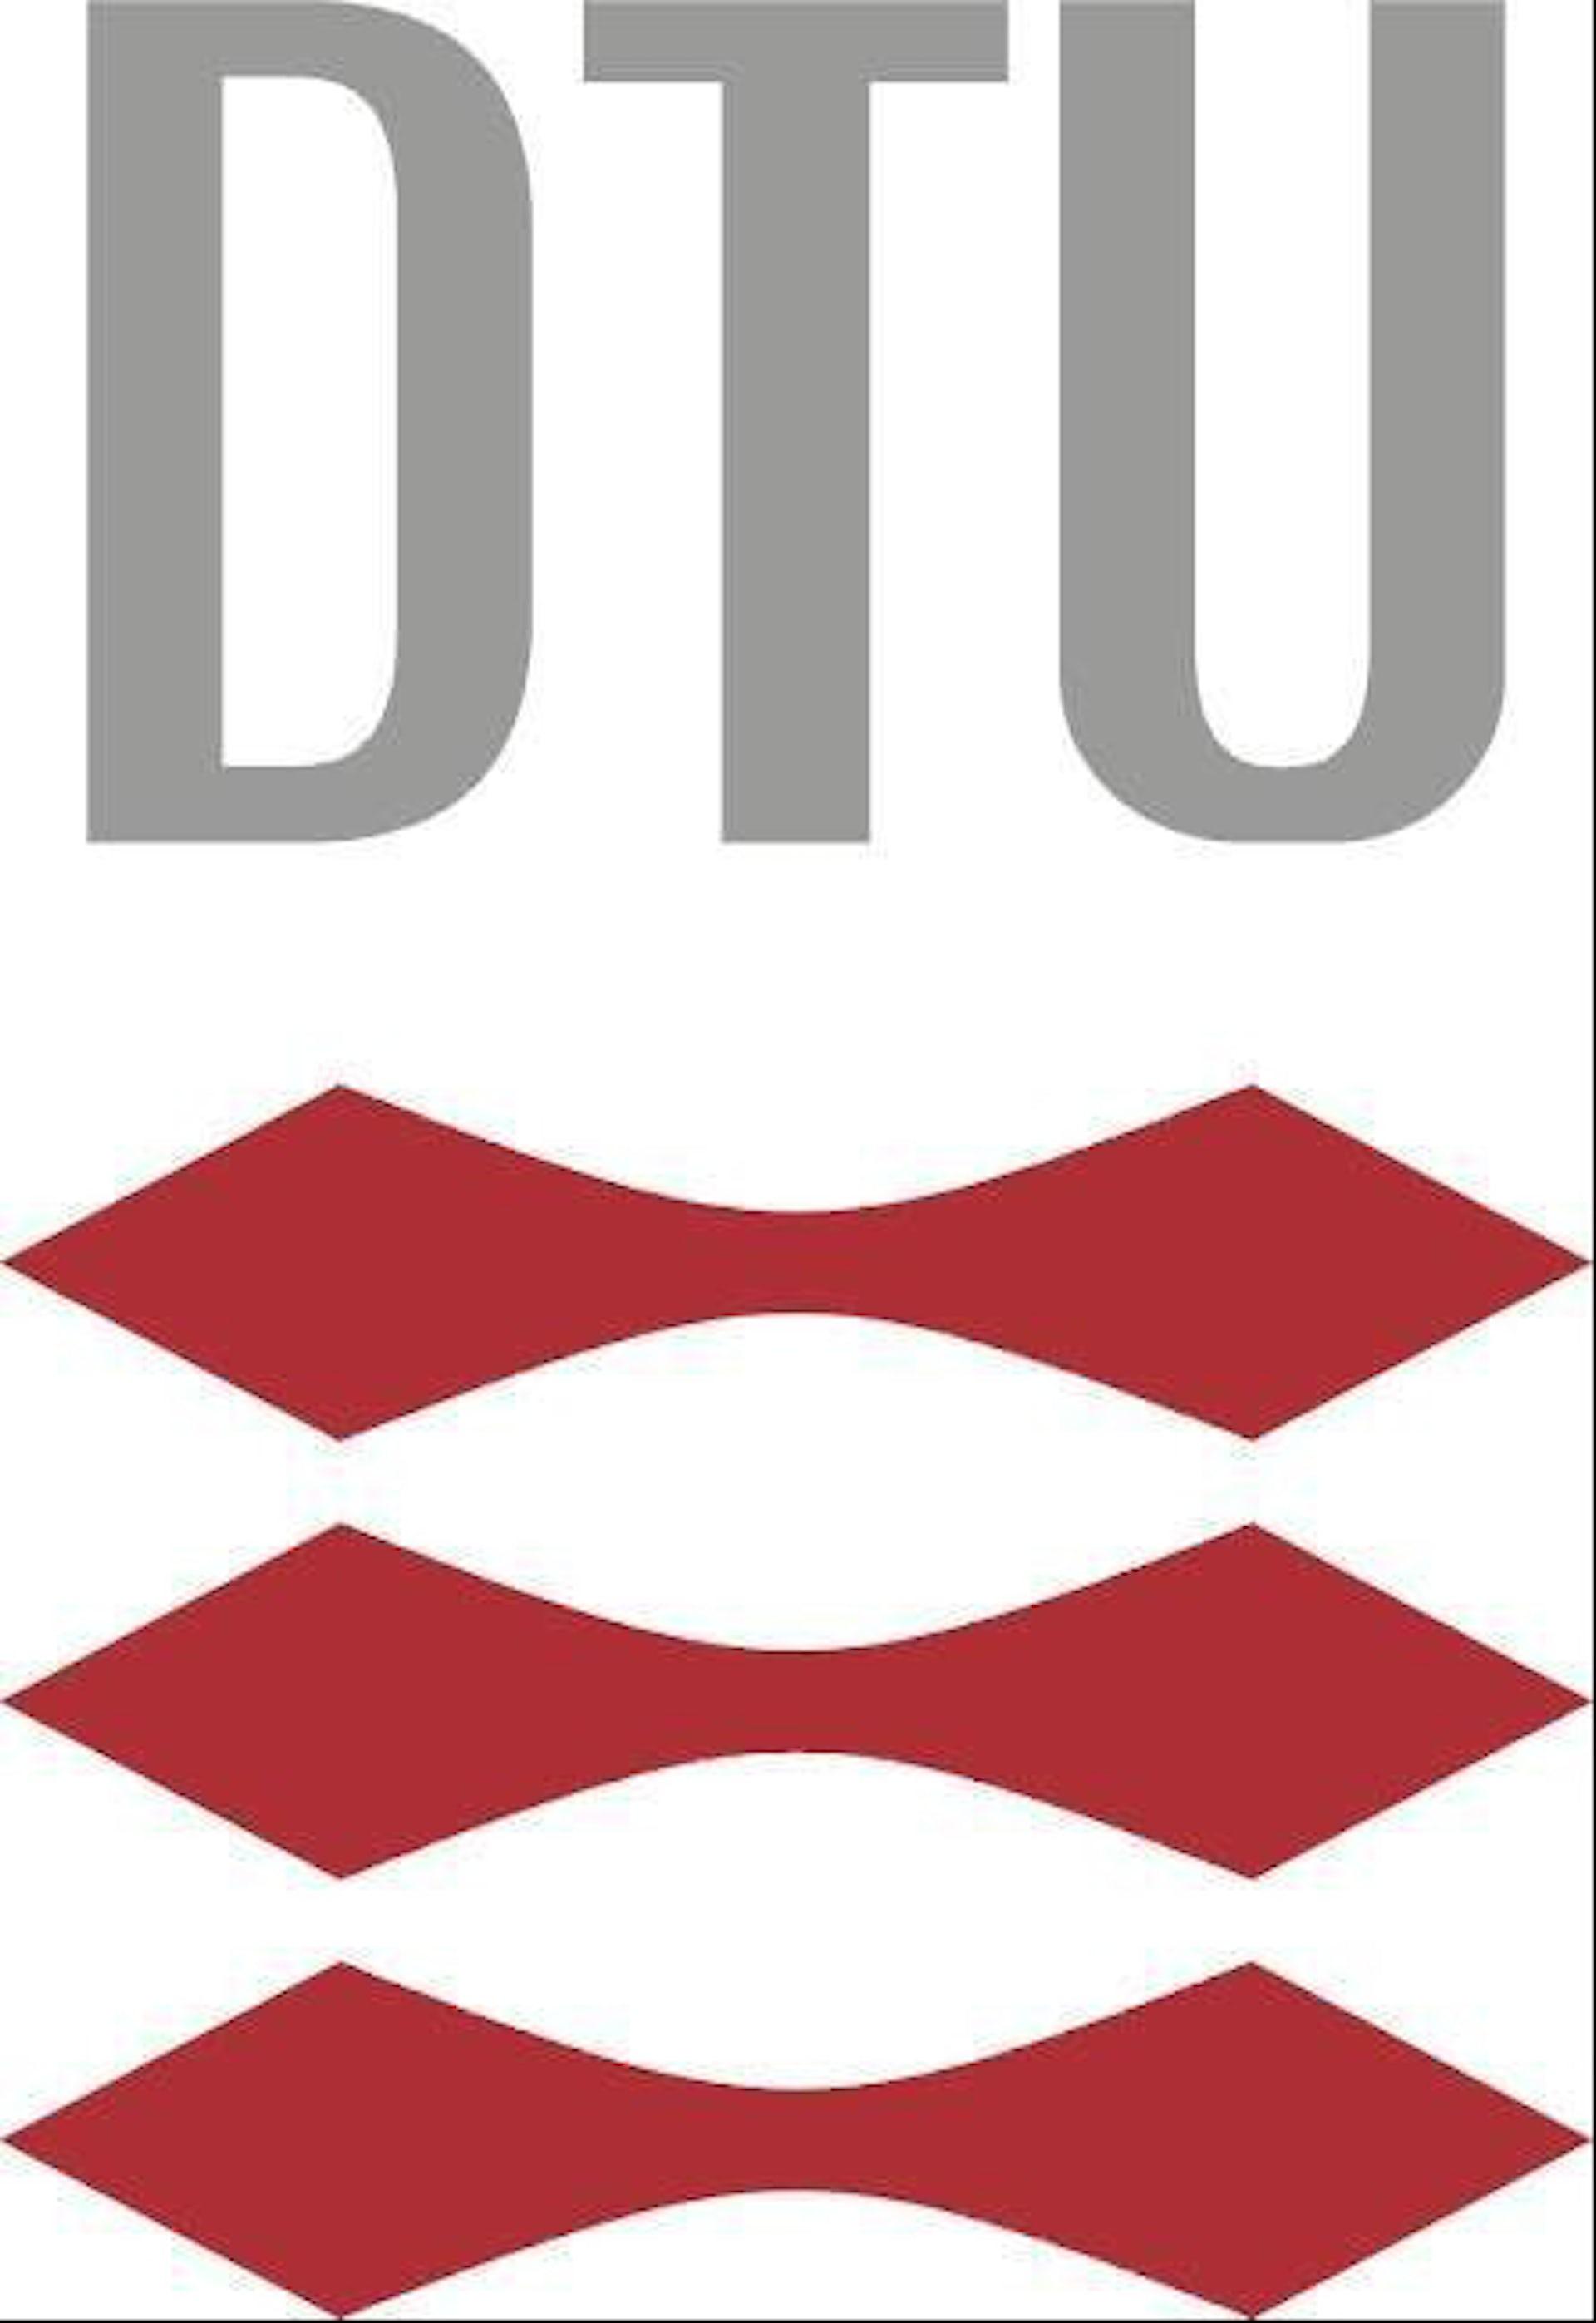 Logo 1394816089.jpg?ixlib=rb 1.1